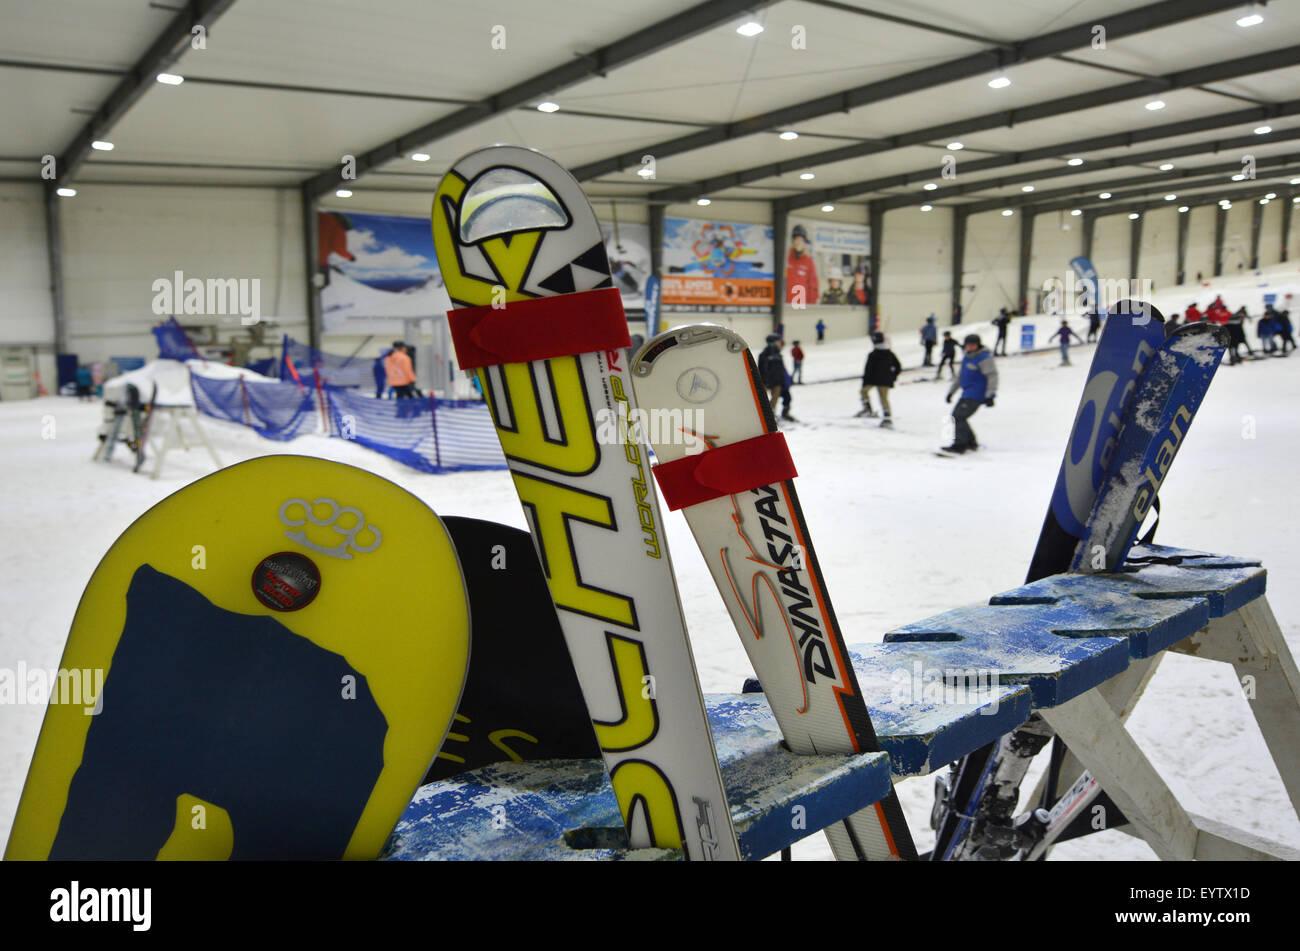 AUCKLAND - 31 de julio de 2015:tablas de snowboard en rack Snowplanet.es Nueva Zelanda La primera nieve interior Imagen De Stock